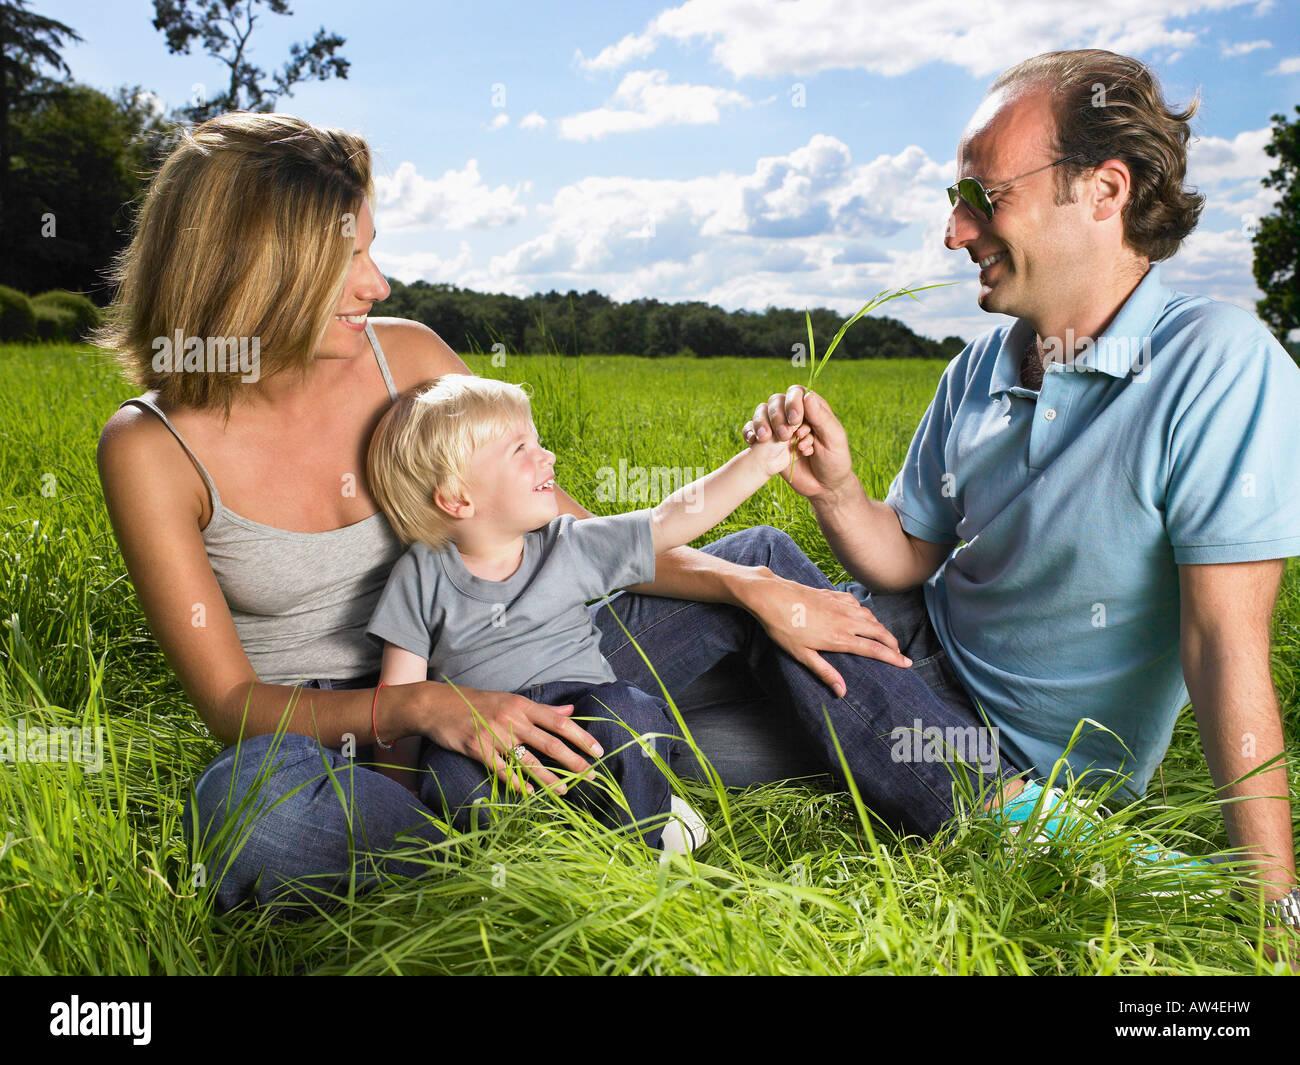 Famille profiter d'une bonne heure dans un champ. Photo Stock